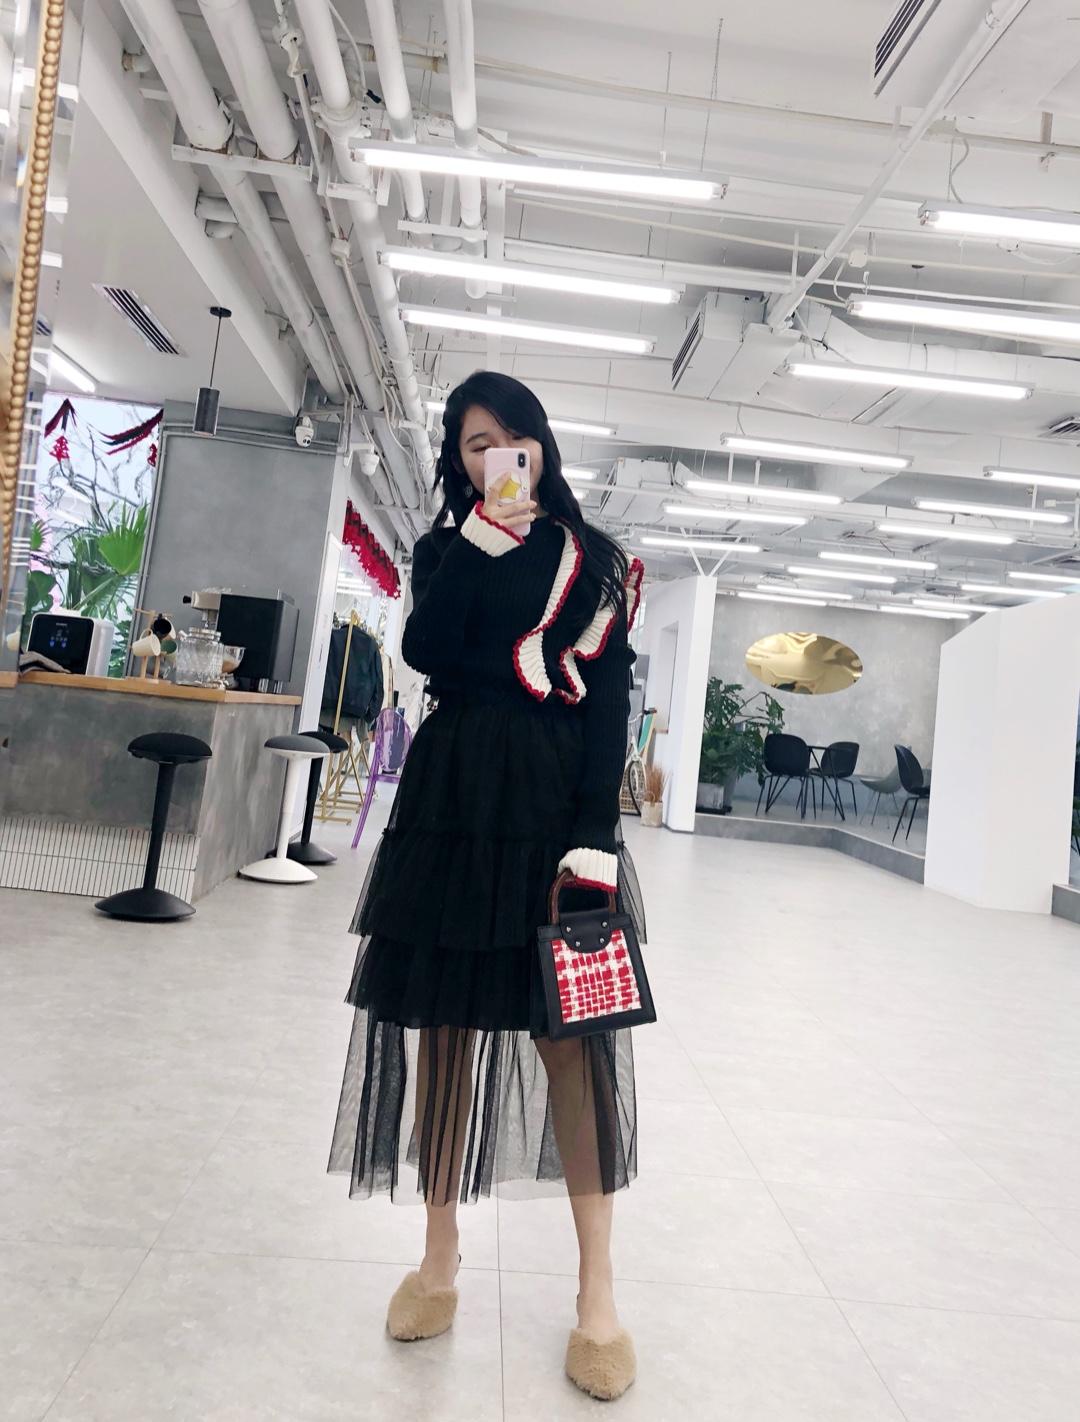 这件黑色毛衣不仅用到了我喜欢的荷叶边元素,还加入了撞色的元素🌟。 整体的黑色调为了突出它的独特性,在立体荷叶边上采用了黑-白-红的撞色,产生了强烈的时尚视觉效果~荷叶边有少女的style,那下半身也选择了仙气十足的纱裙💕。 #少女感赛高,过年就靠它取胜了# 👜包包:KITAYAMA北山制包所 包的配色恰巧和衣服相呼应~